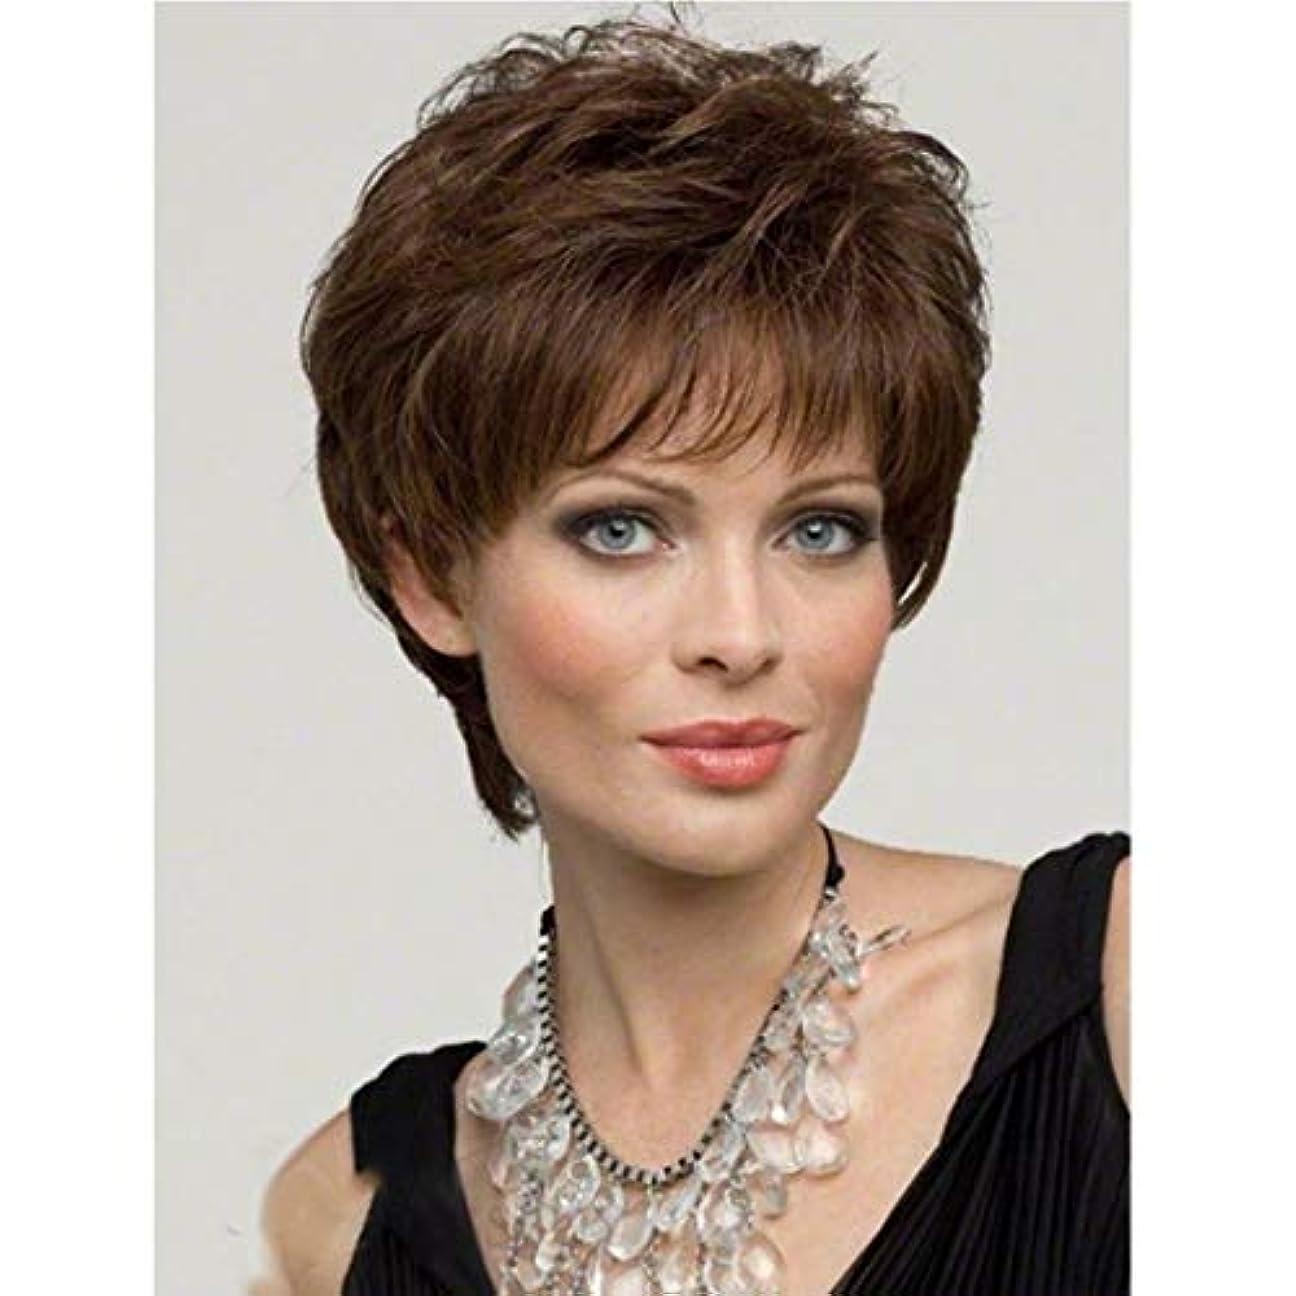 埋め込むブラザー近似Summerys 女性のための茶色のかつら短い巻き毛のかつら合成完全女性のかつら